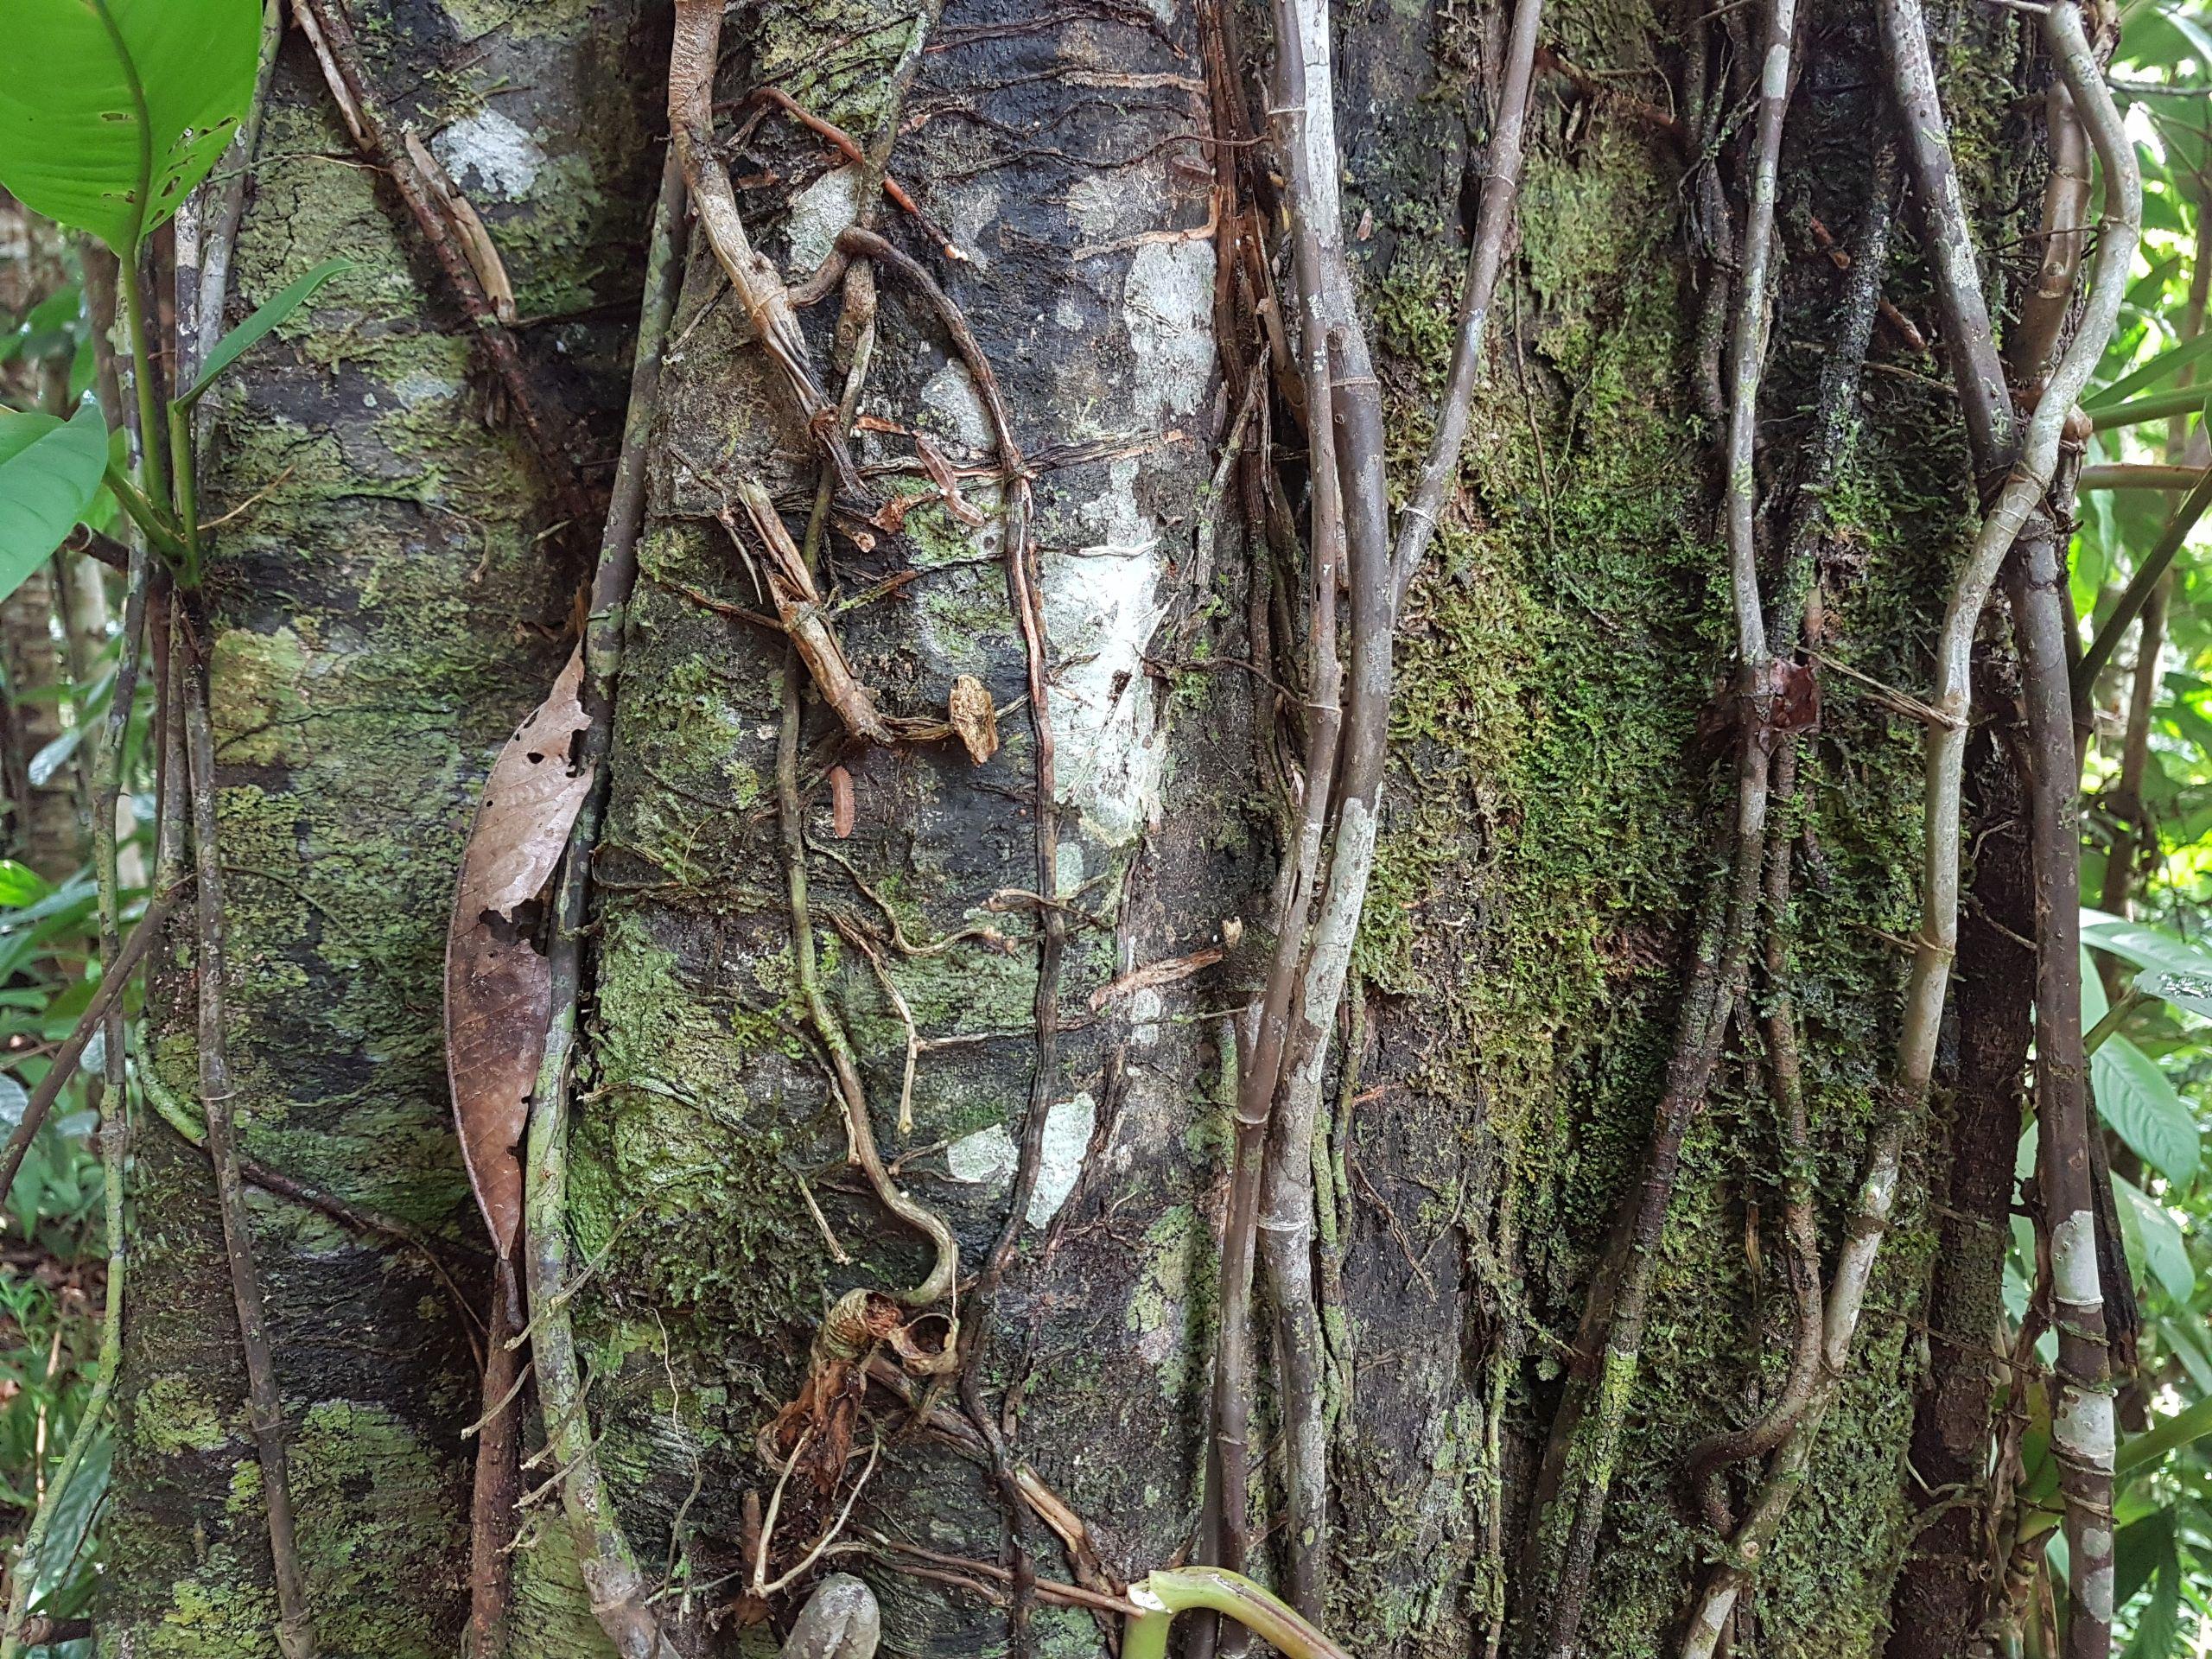 Specimen: Aspidosperma myristicifolium